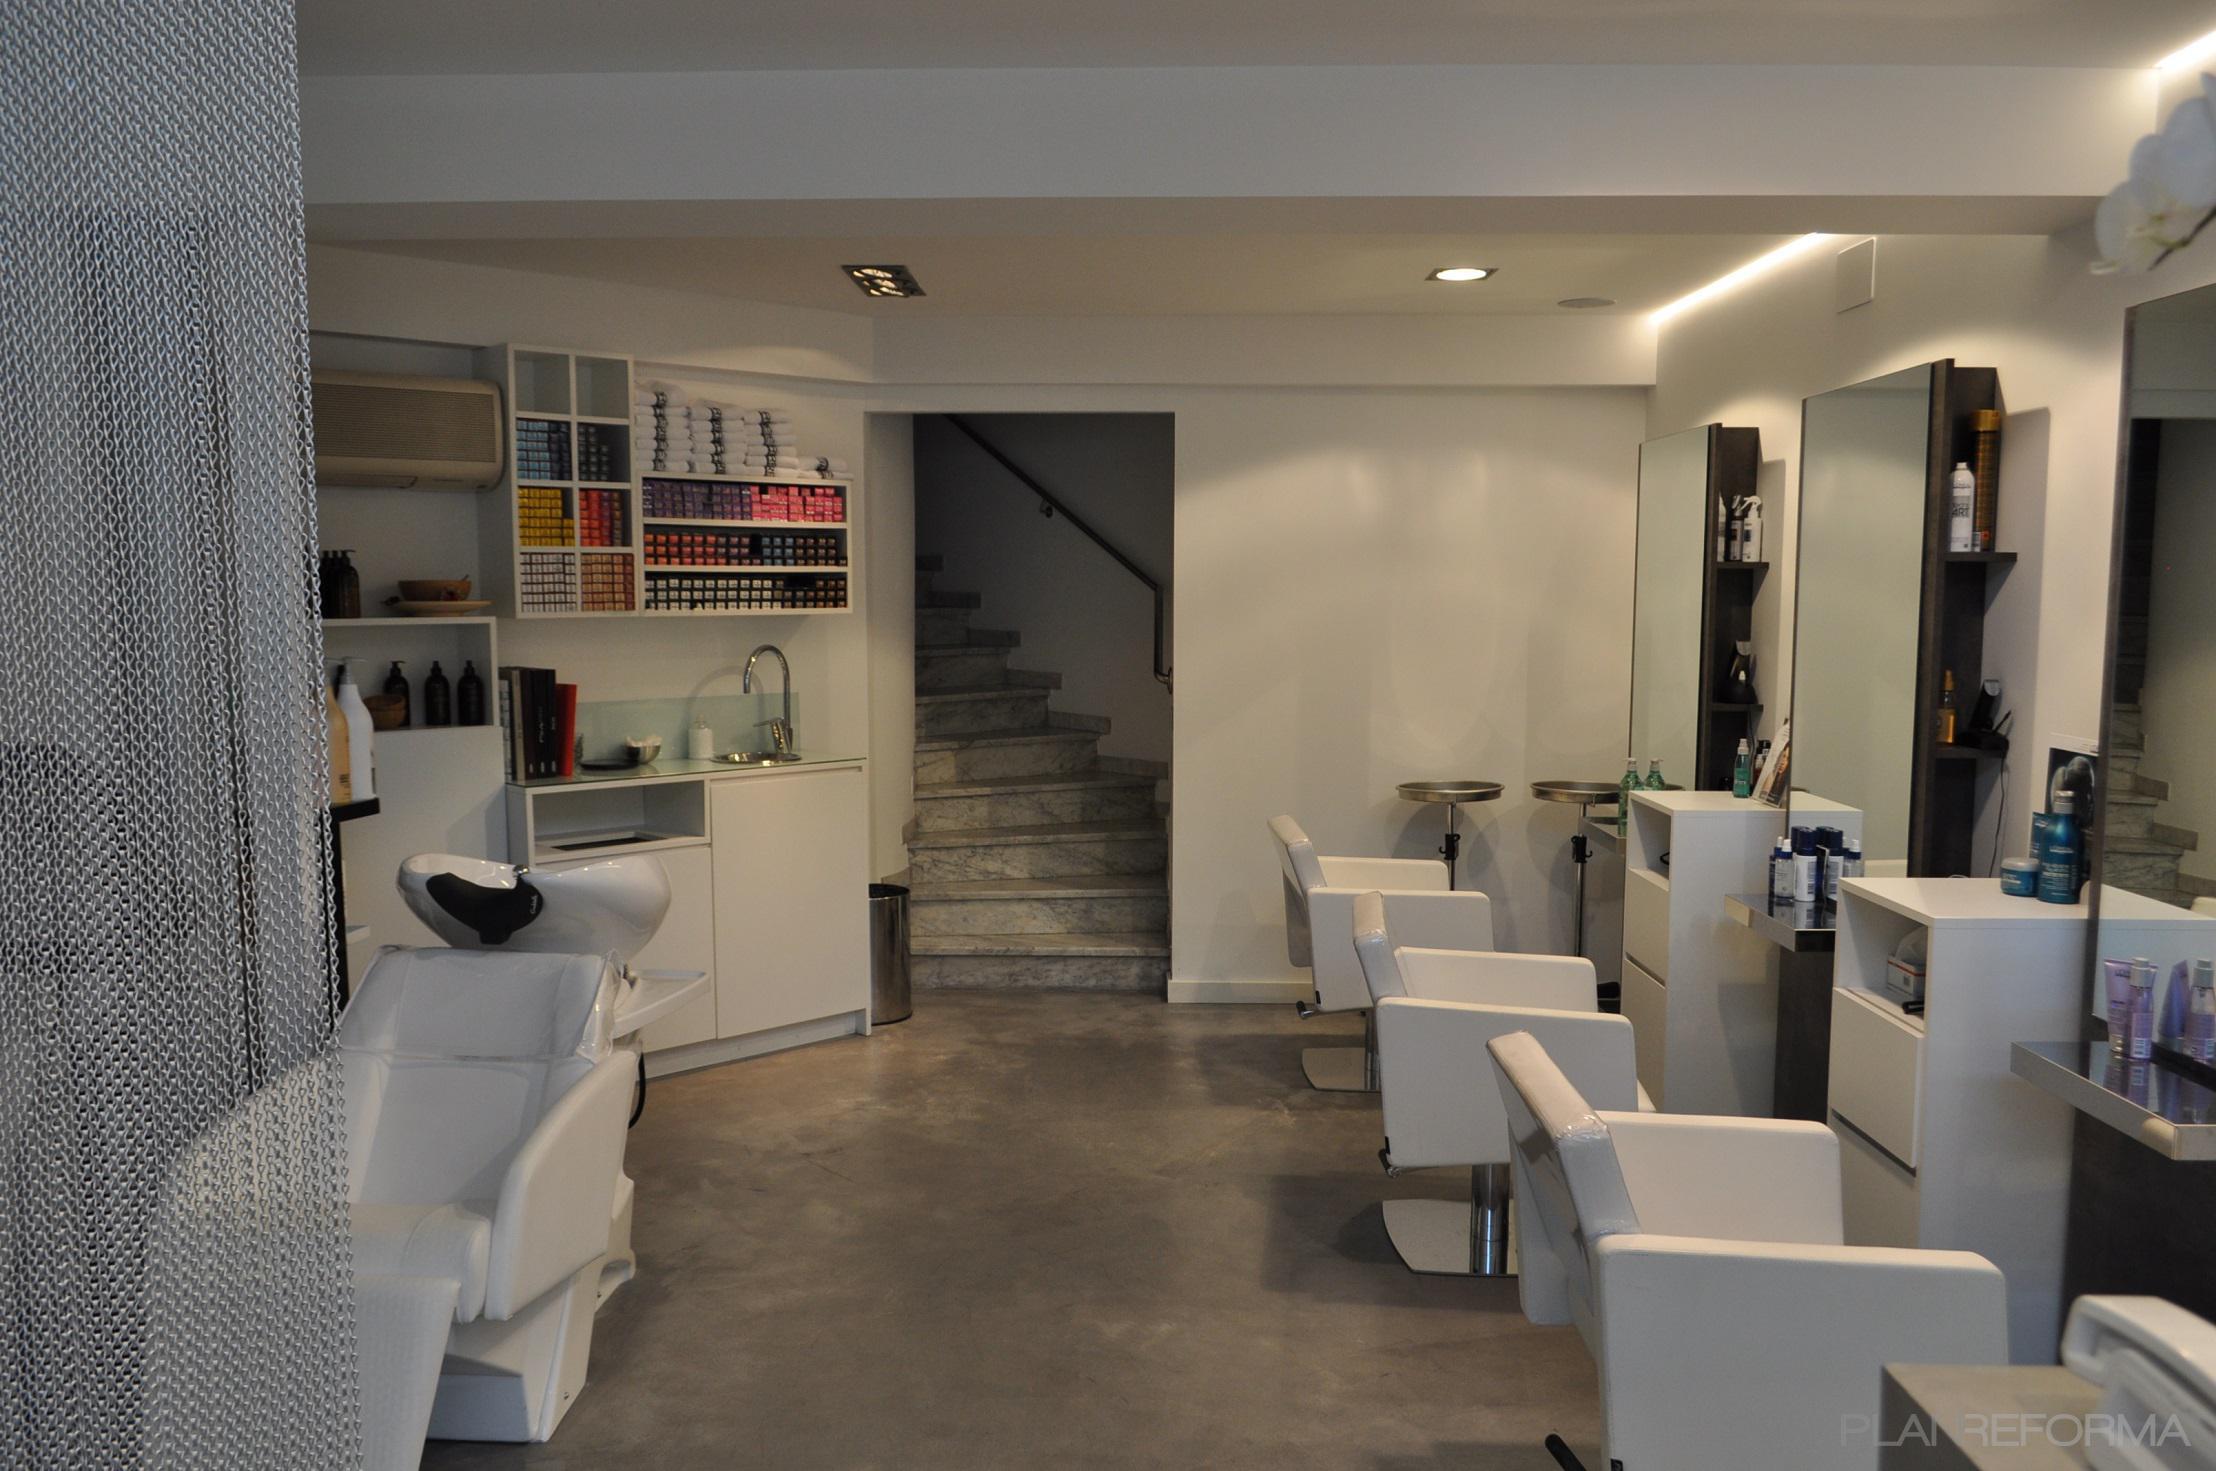 Salon de belleza moderno images - Modelos de salones modernos ...